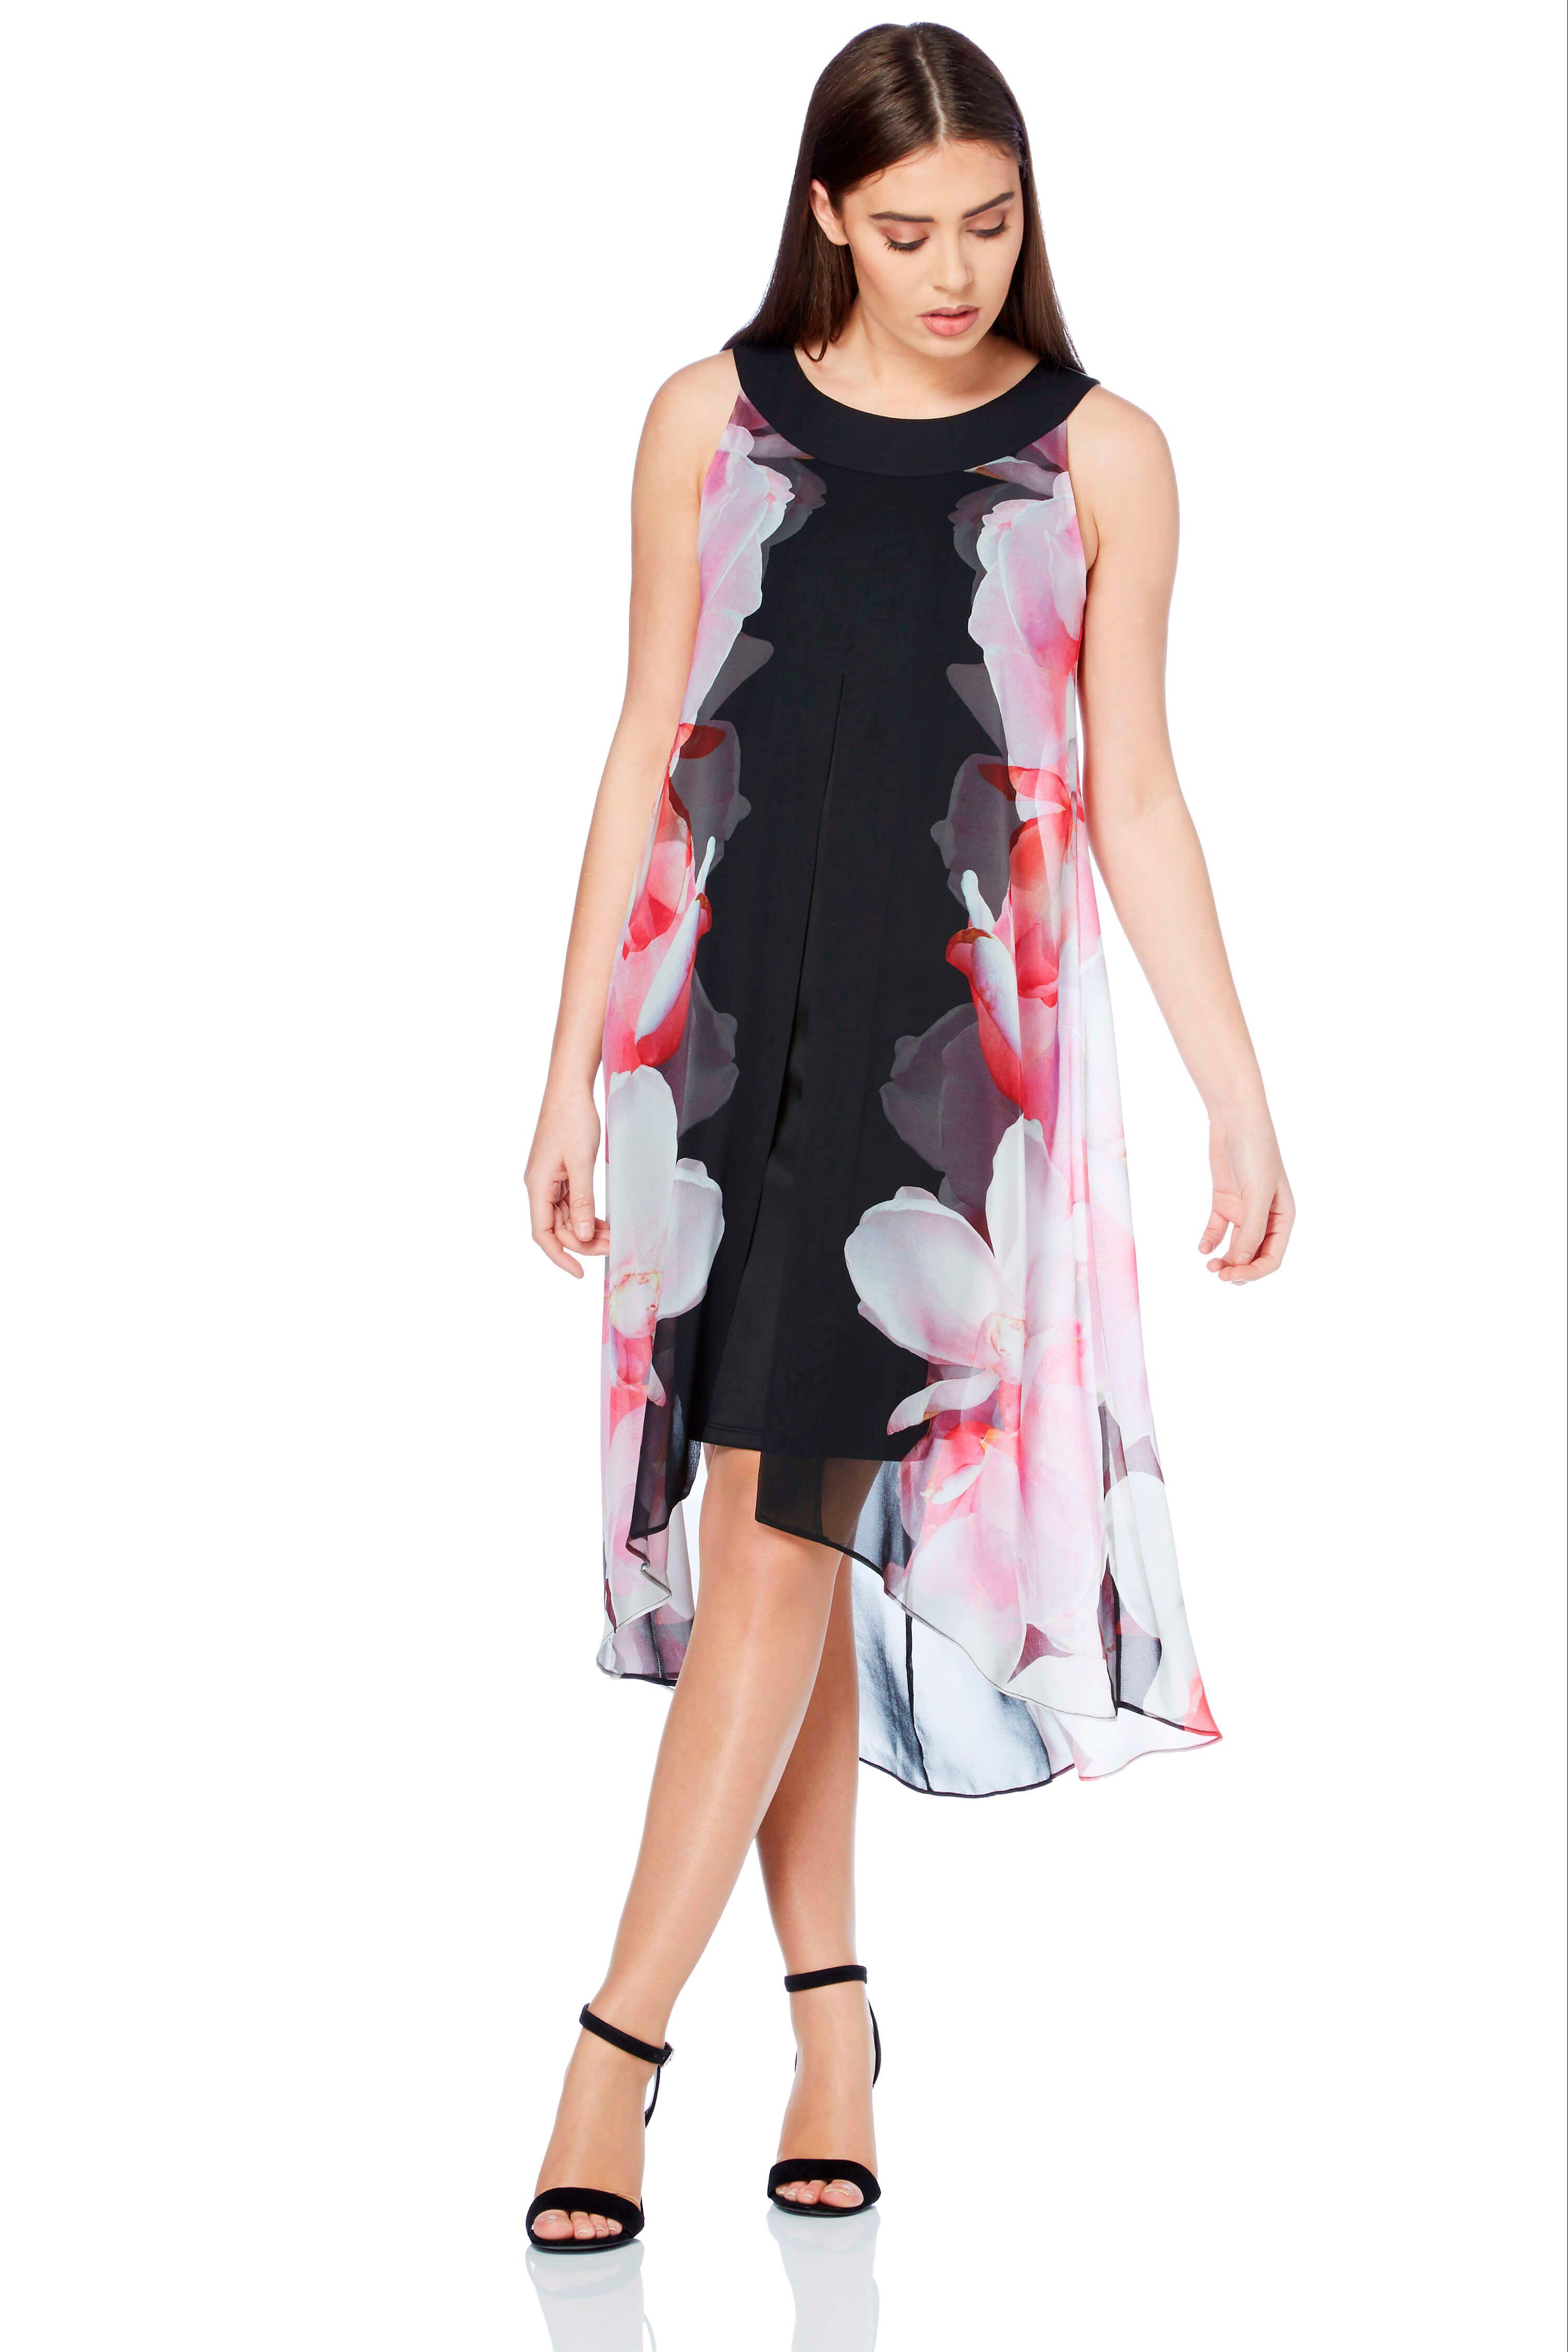 Floral Print Split Chiffon Dress in Pink Roman Originals